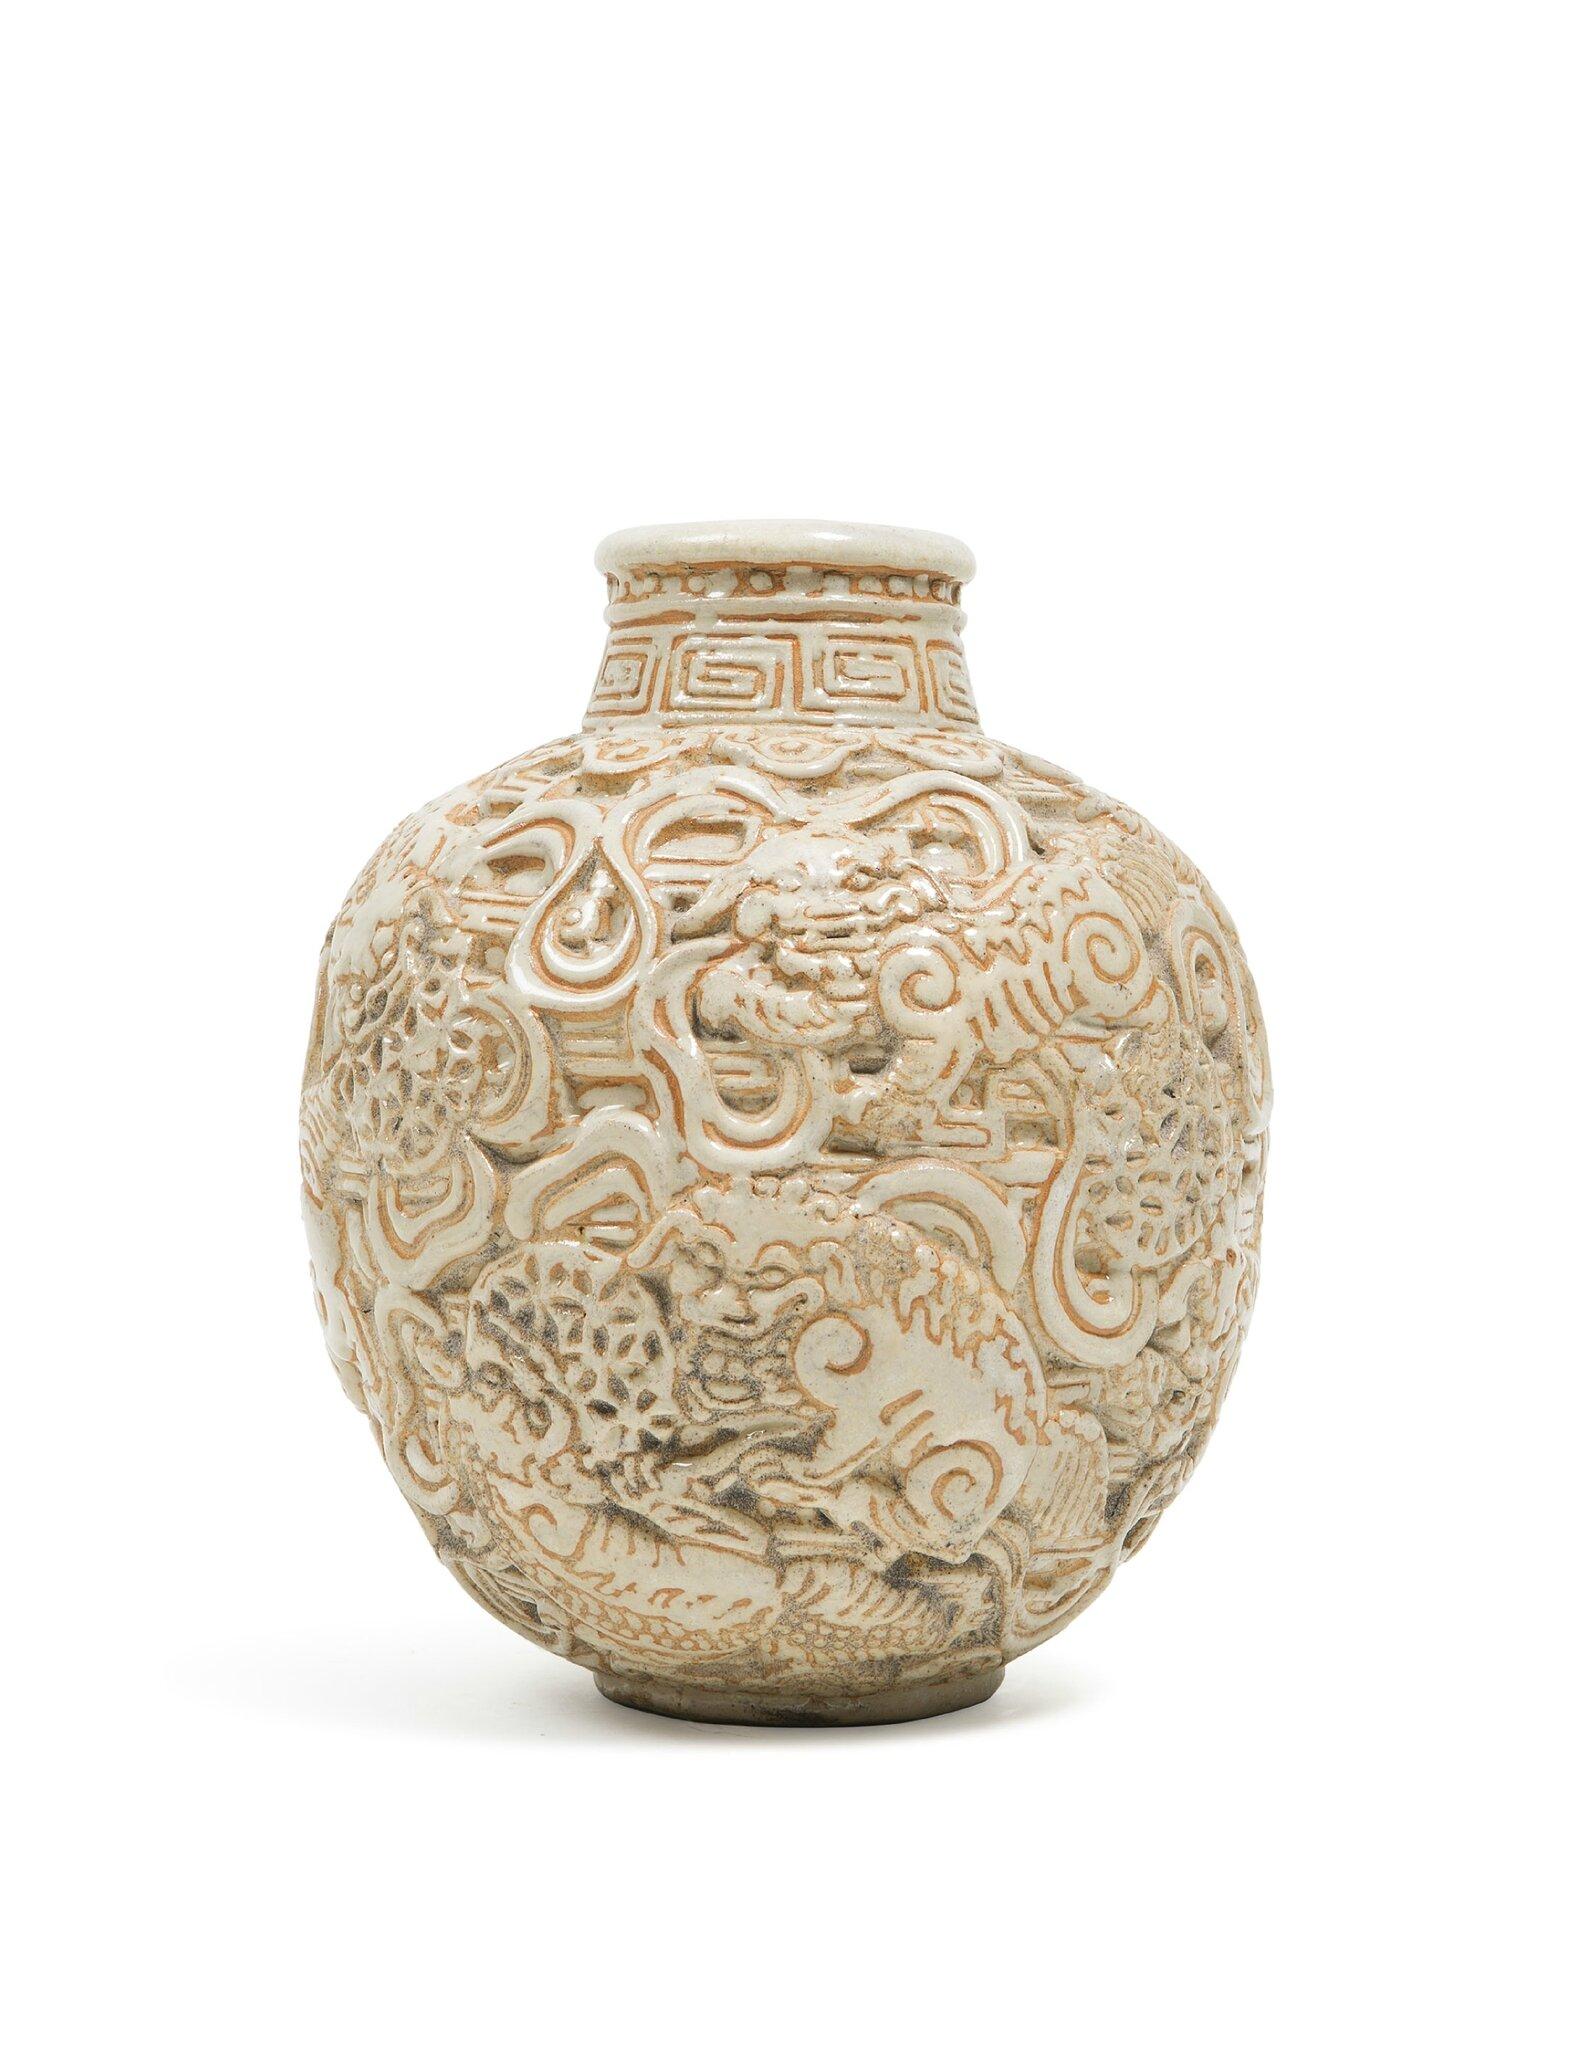 Vase globulaire en céramique et émail céladon, Biên Hoà, Vietnam, vers 1950